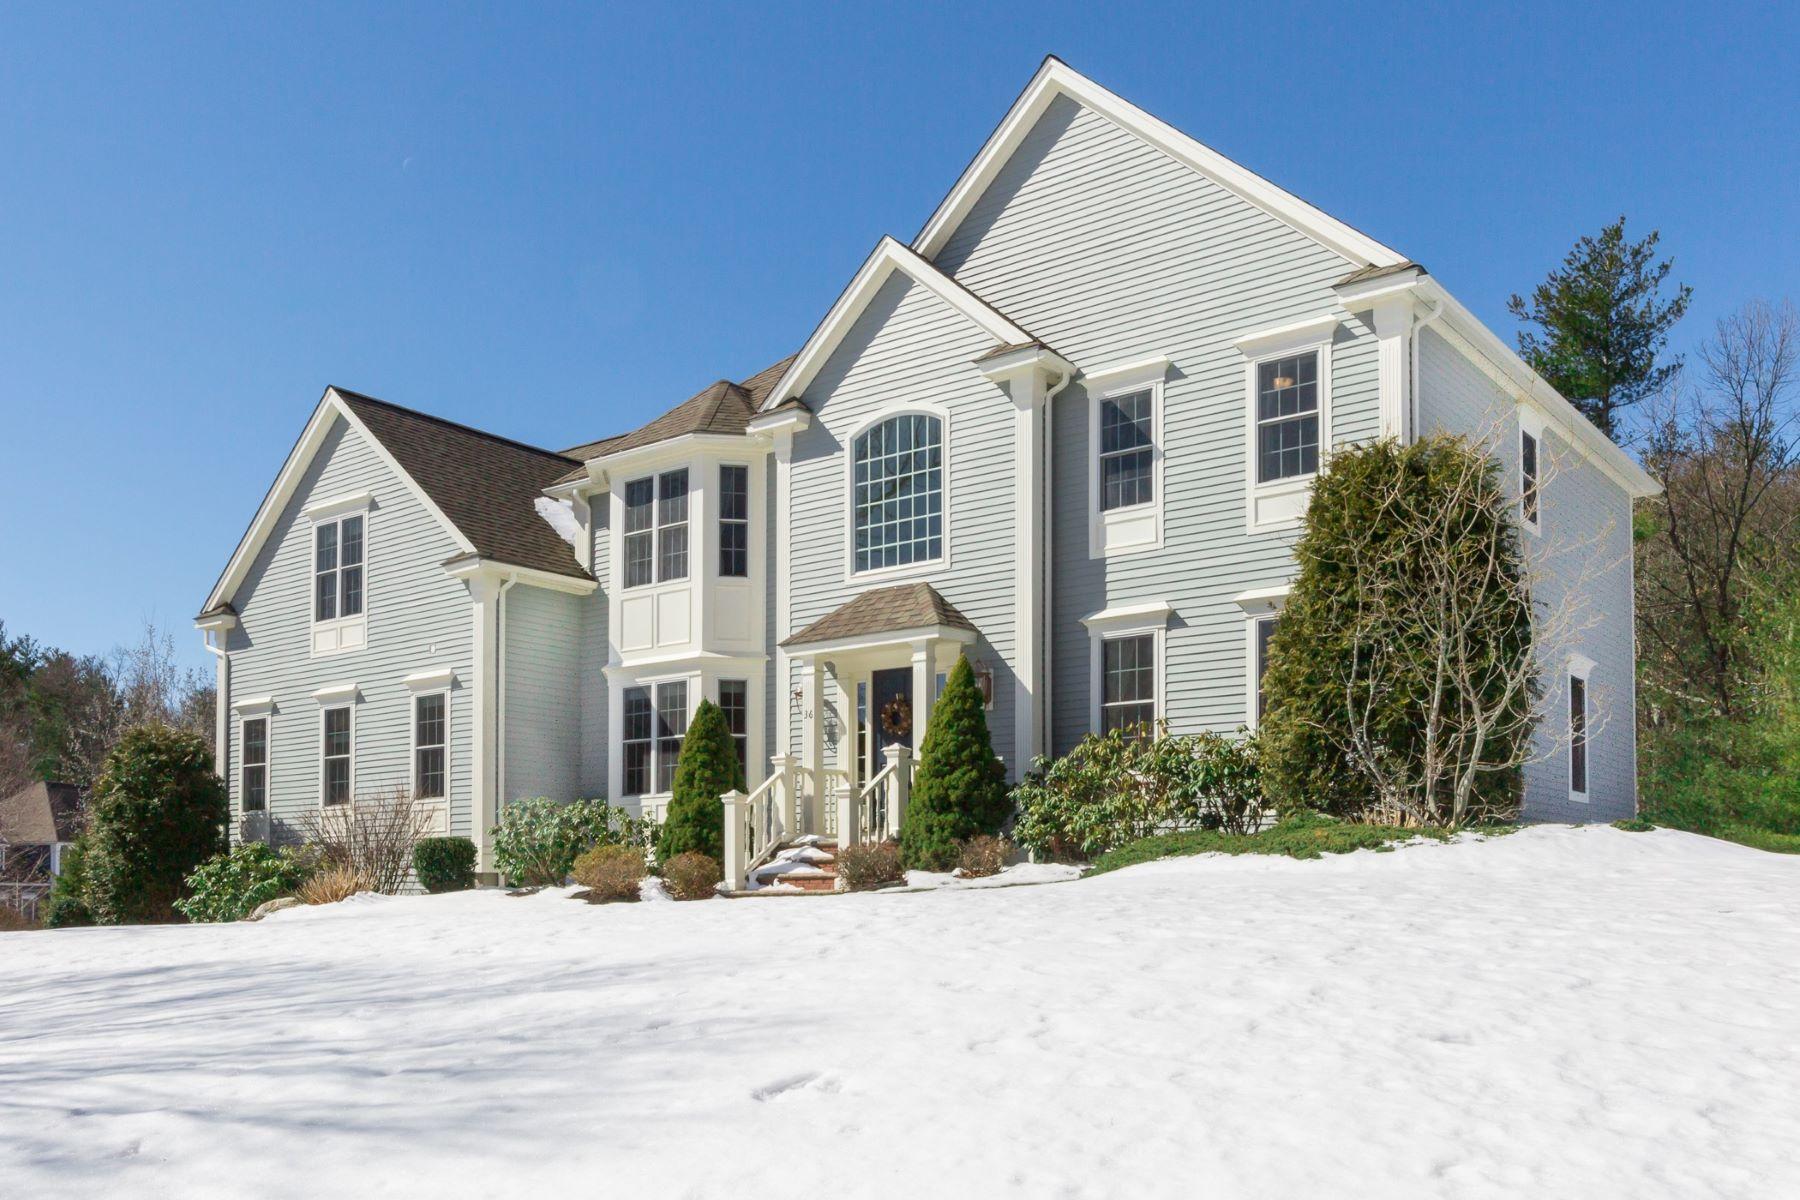 Casa Unifamiliar por un Venta en Pristine and Sunny Colonial 36 Robinson Drive Bedford, Massachusetts 01730 Estados Unidos